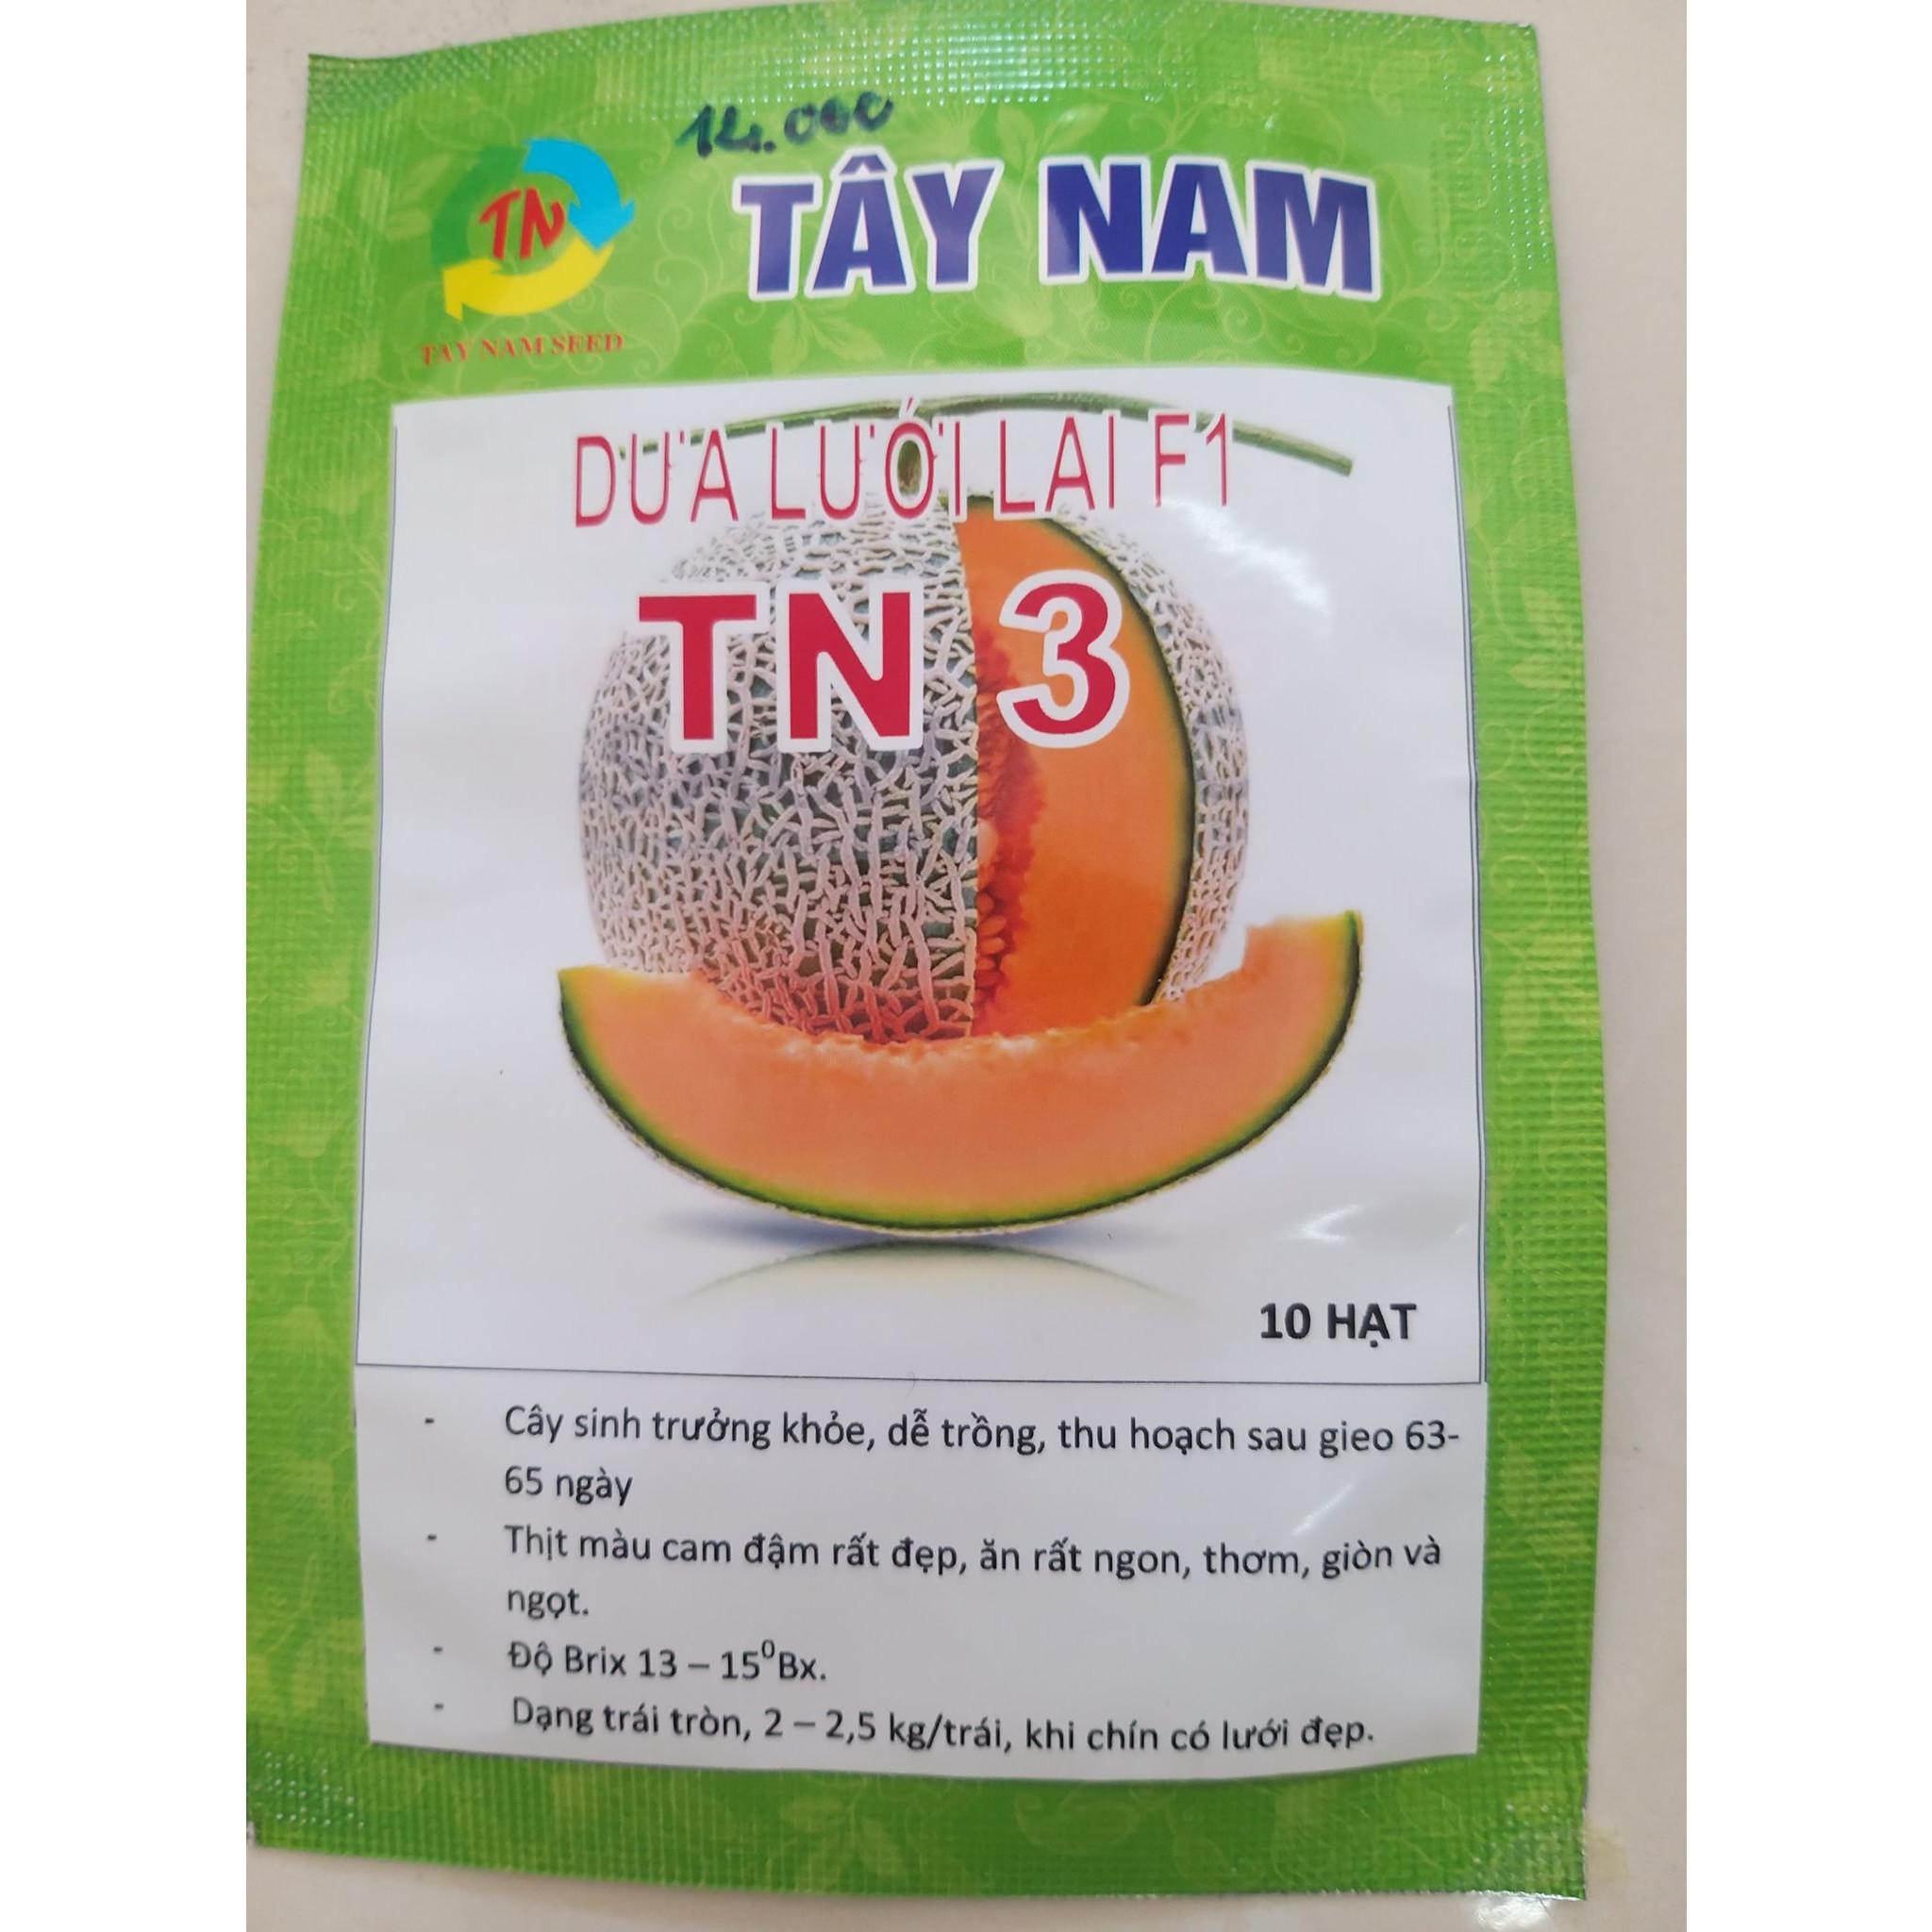 Hạt giống dưa lưới lai F1 TN 3 Tây Nam gói 10 hạt